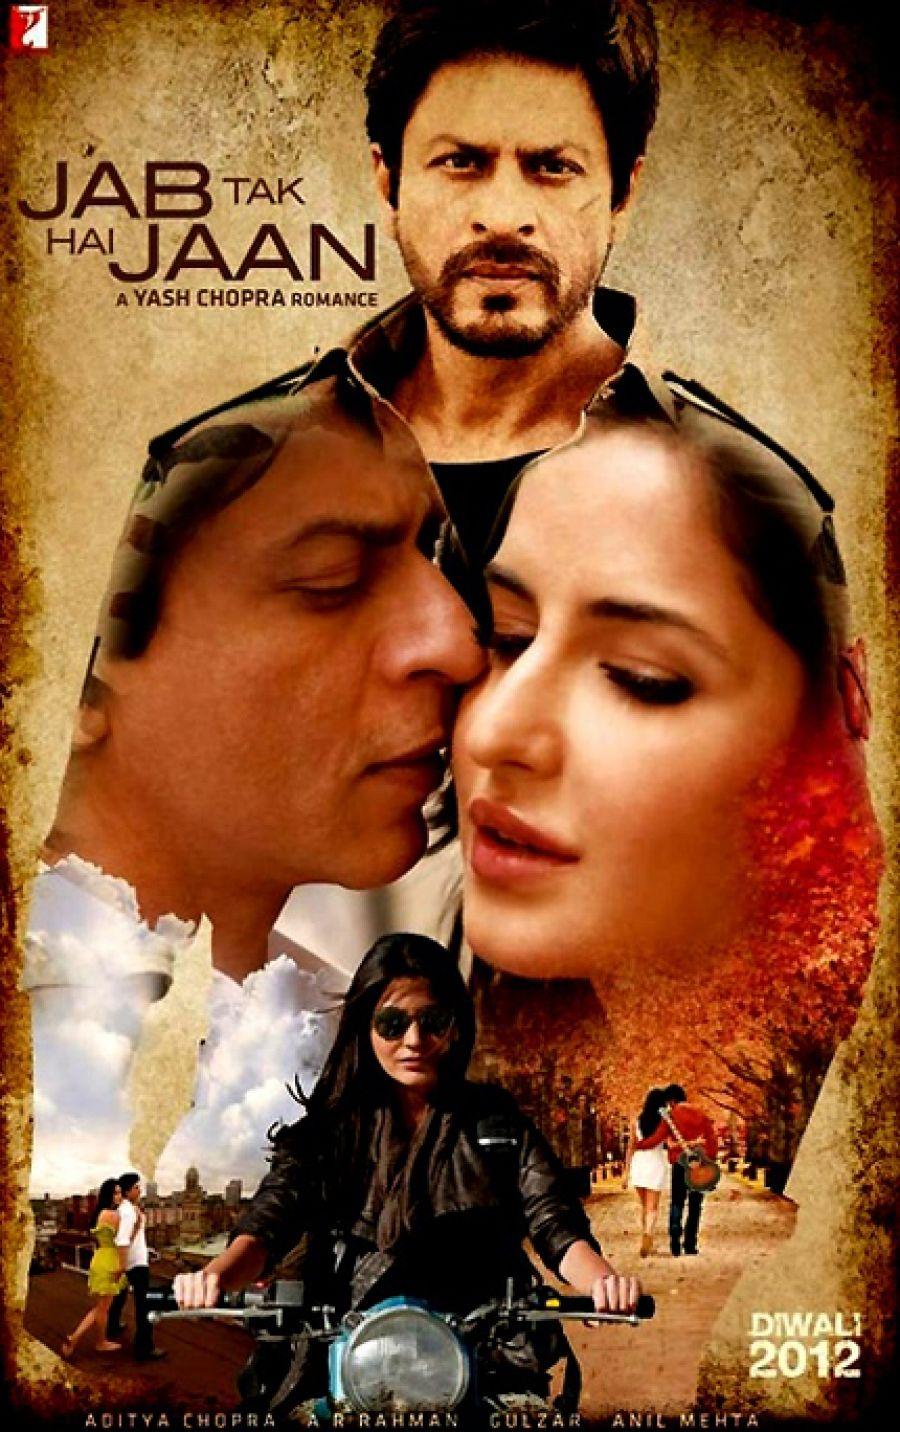 موقع كمشه: افلام هندية - افلام ومسلسلات وعروض حصرية اون لاين